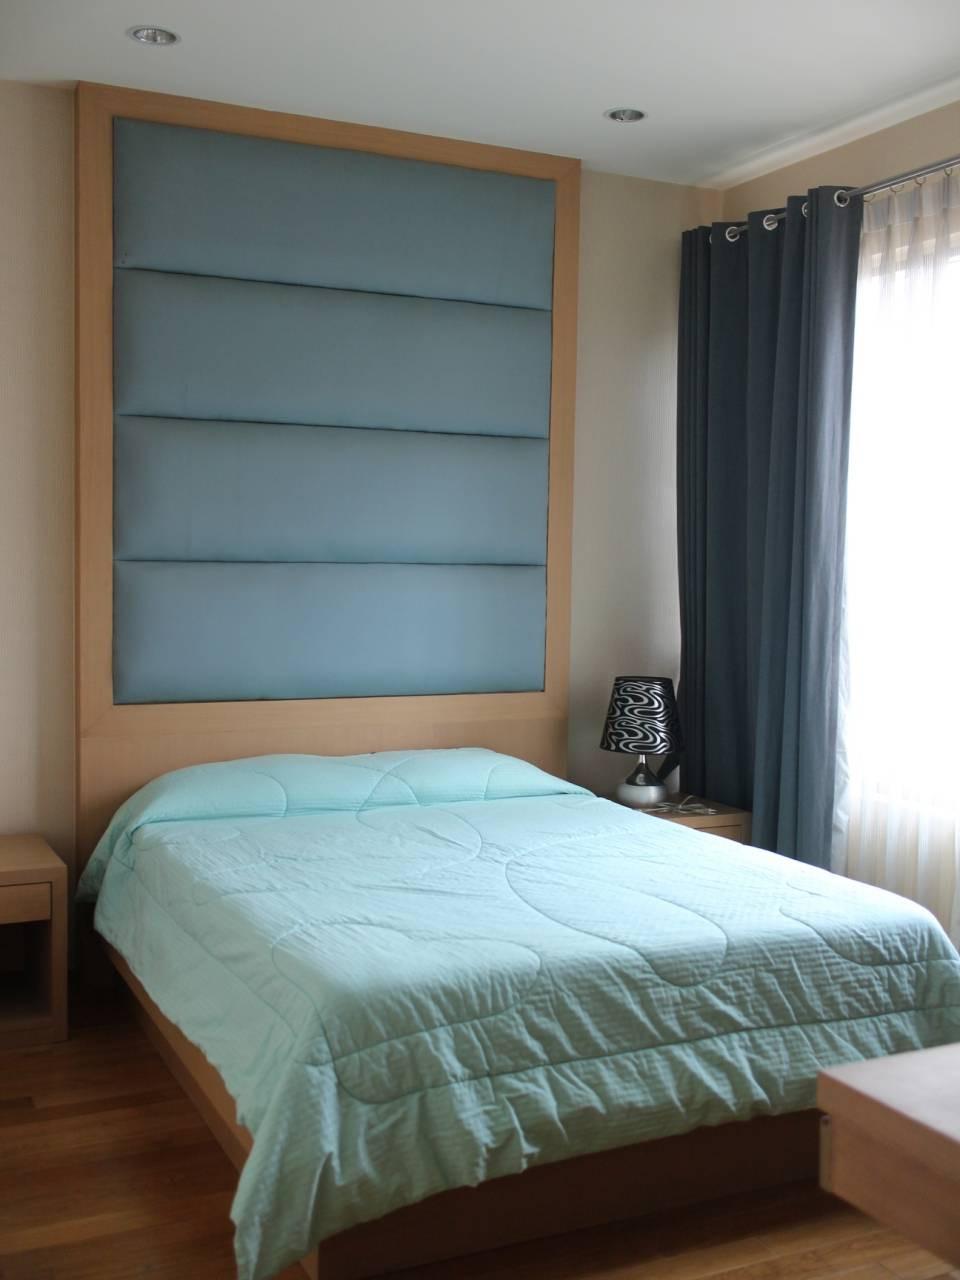 รูปของประกาศขายคอนโดดิ เอ็มโพริโอ เพลส (2 ห้องนอน)(1)